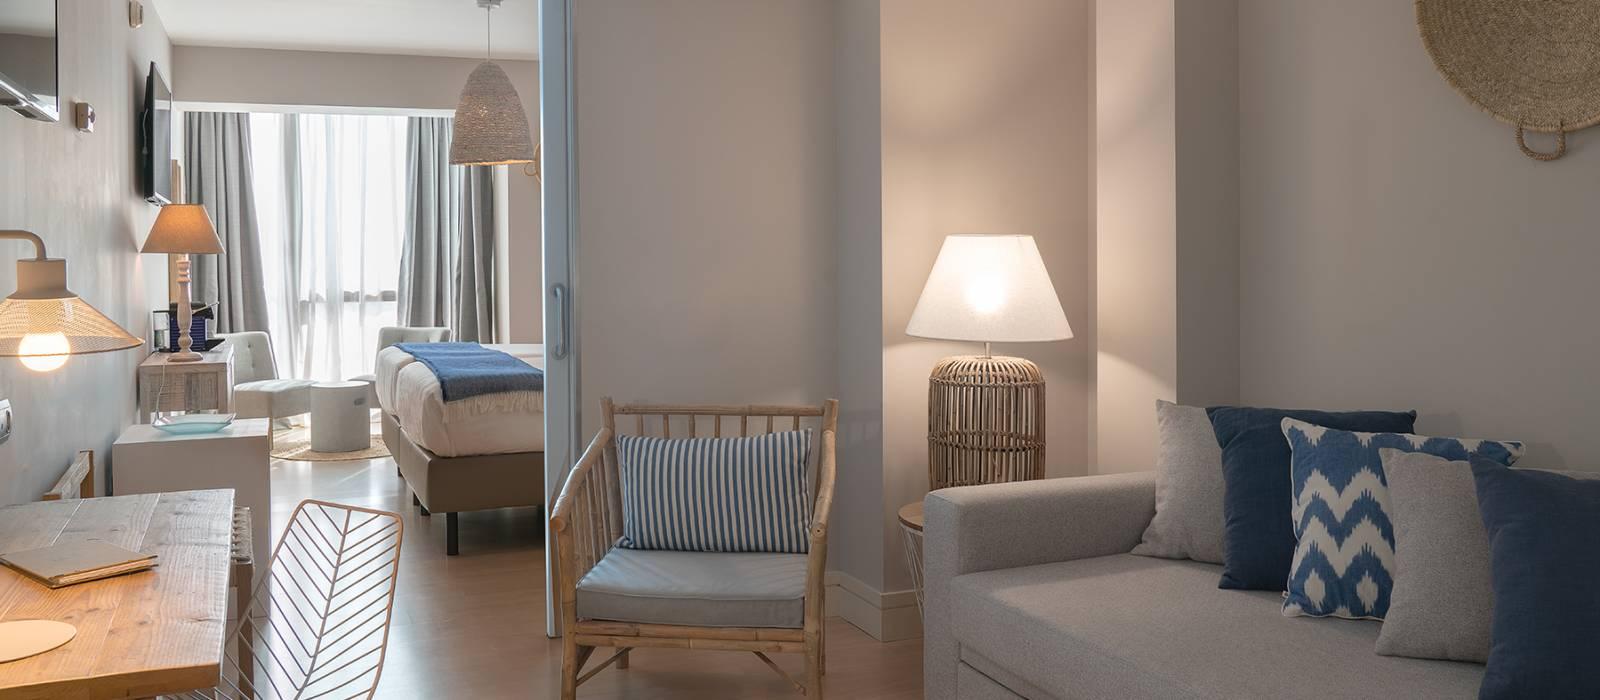 Junior Suiten. Hotel Zimmer Puertosantander - Vincci Hoteles